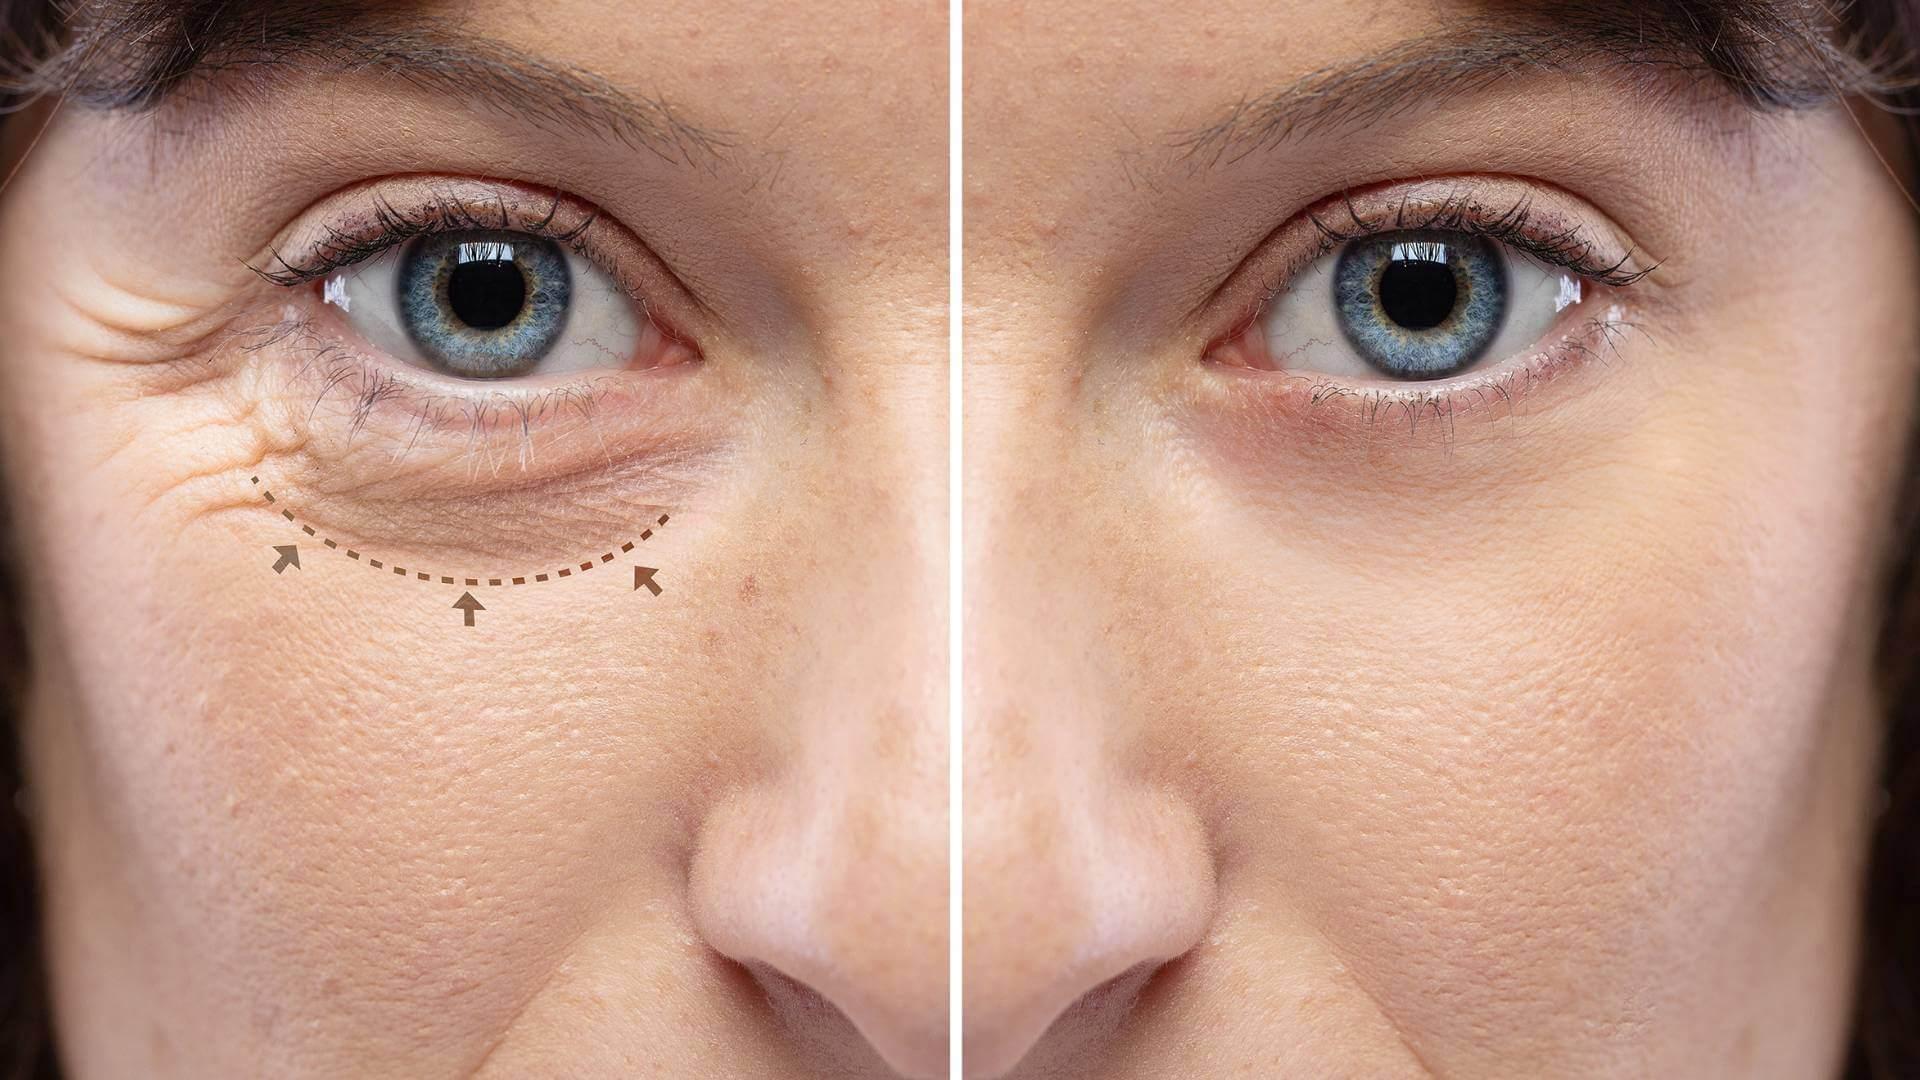 igel-dermatologie-lidstraffung